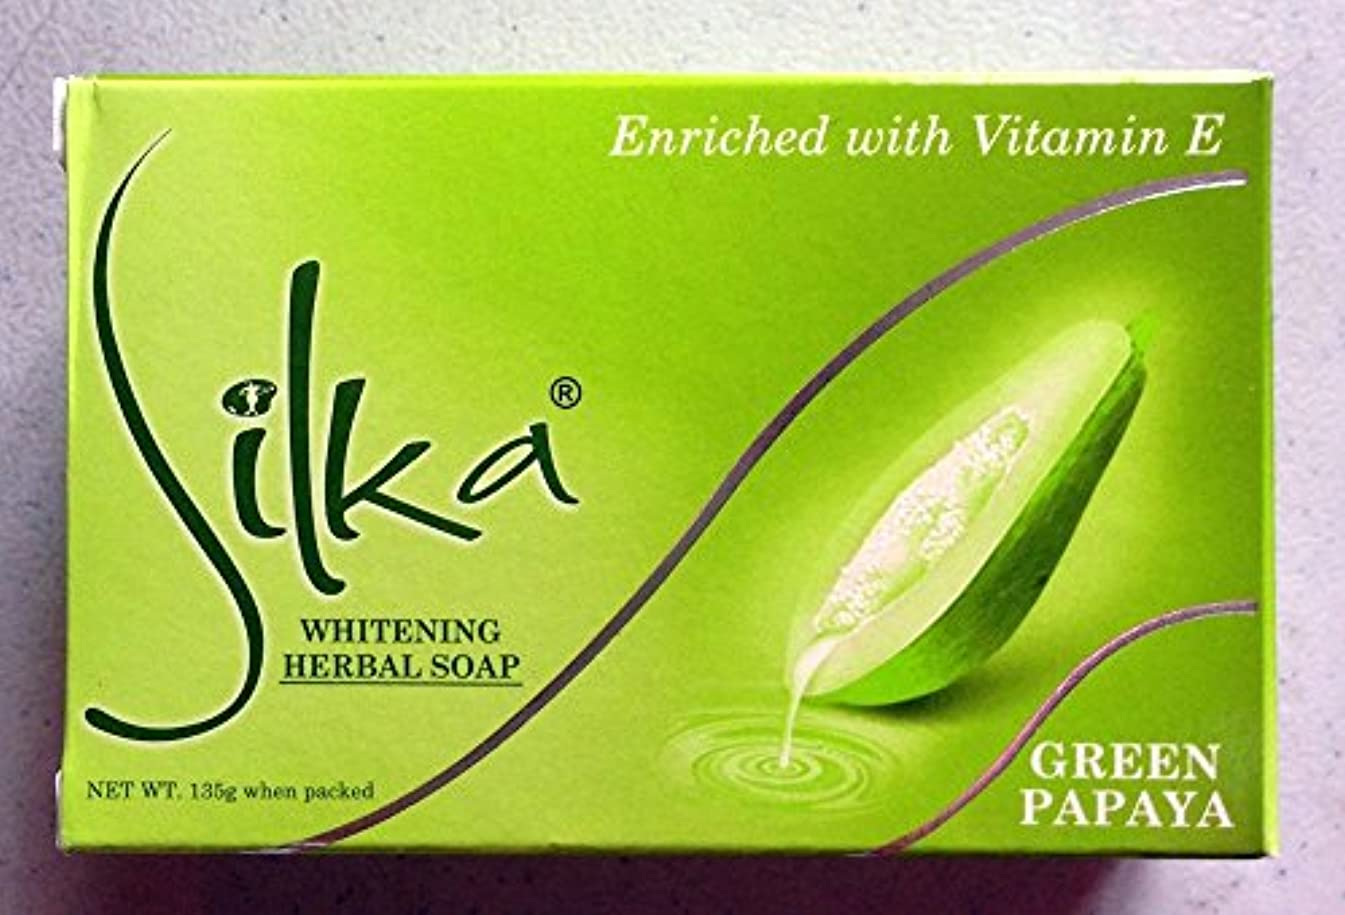 快適鎮痛剤加害者シルカ グリーン パパイヤソープ 135g Silka green papaya soap